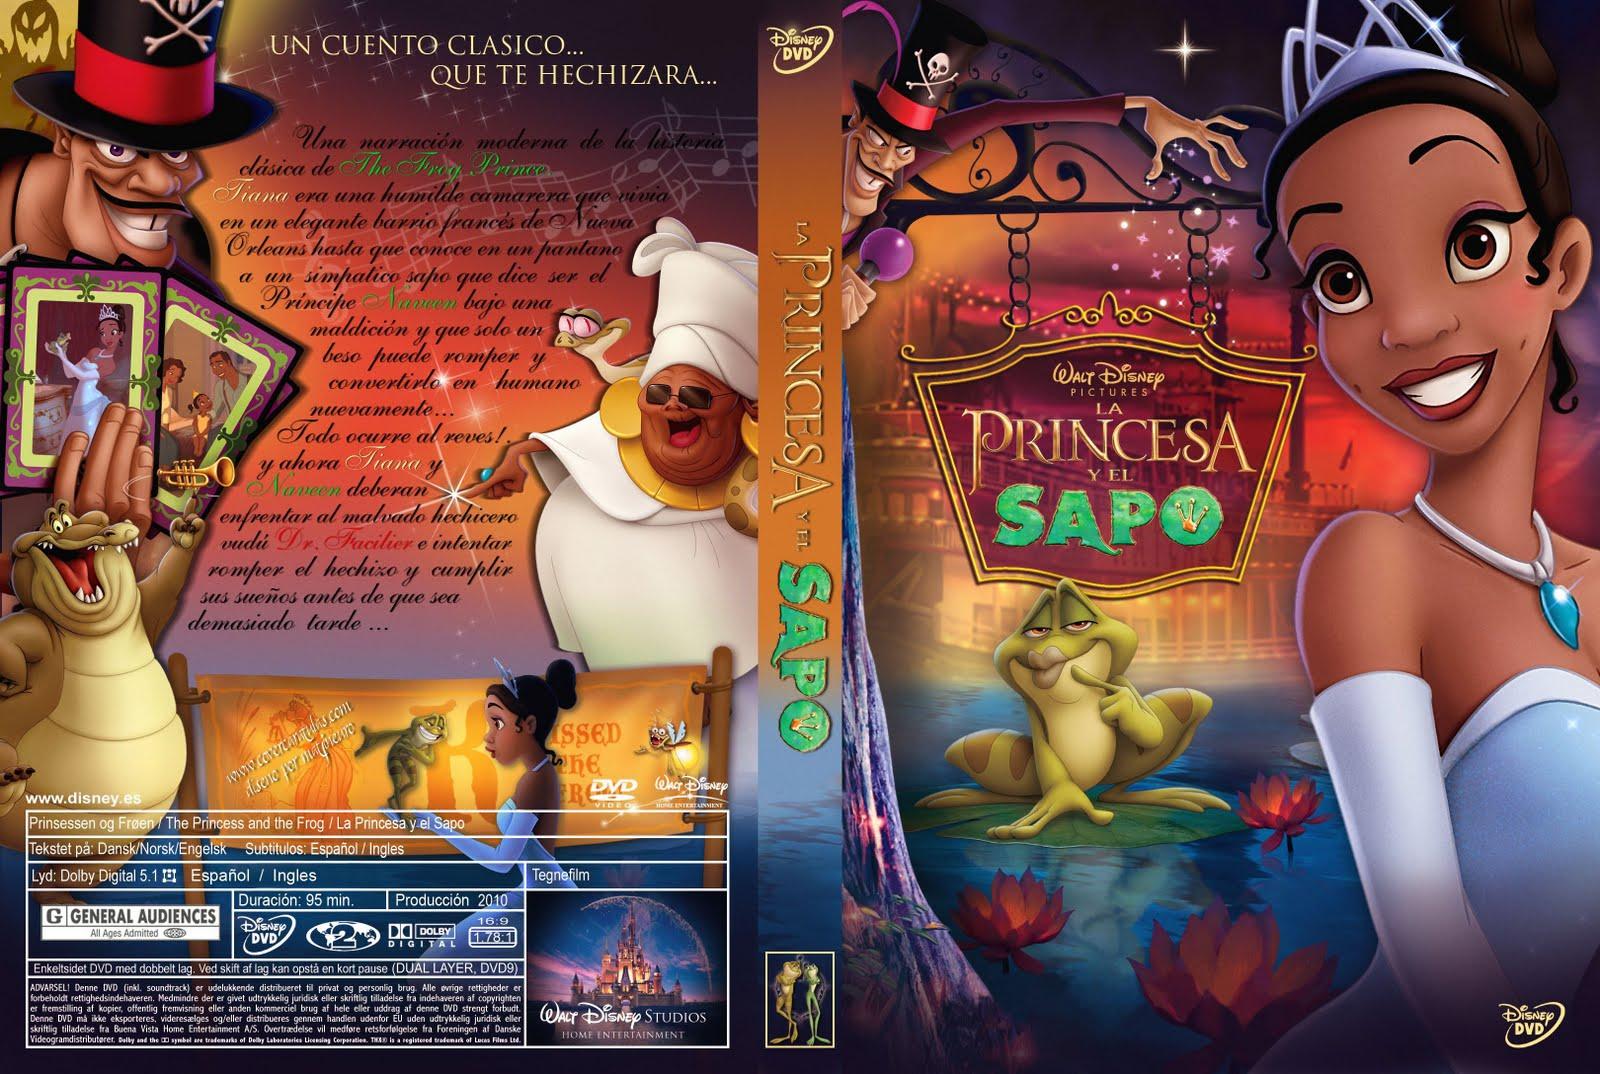 Solo dvds 03 abr 2010 - Sapos y princesas valencia ...